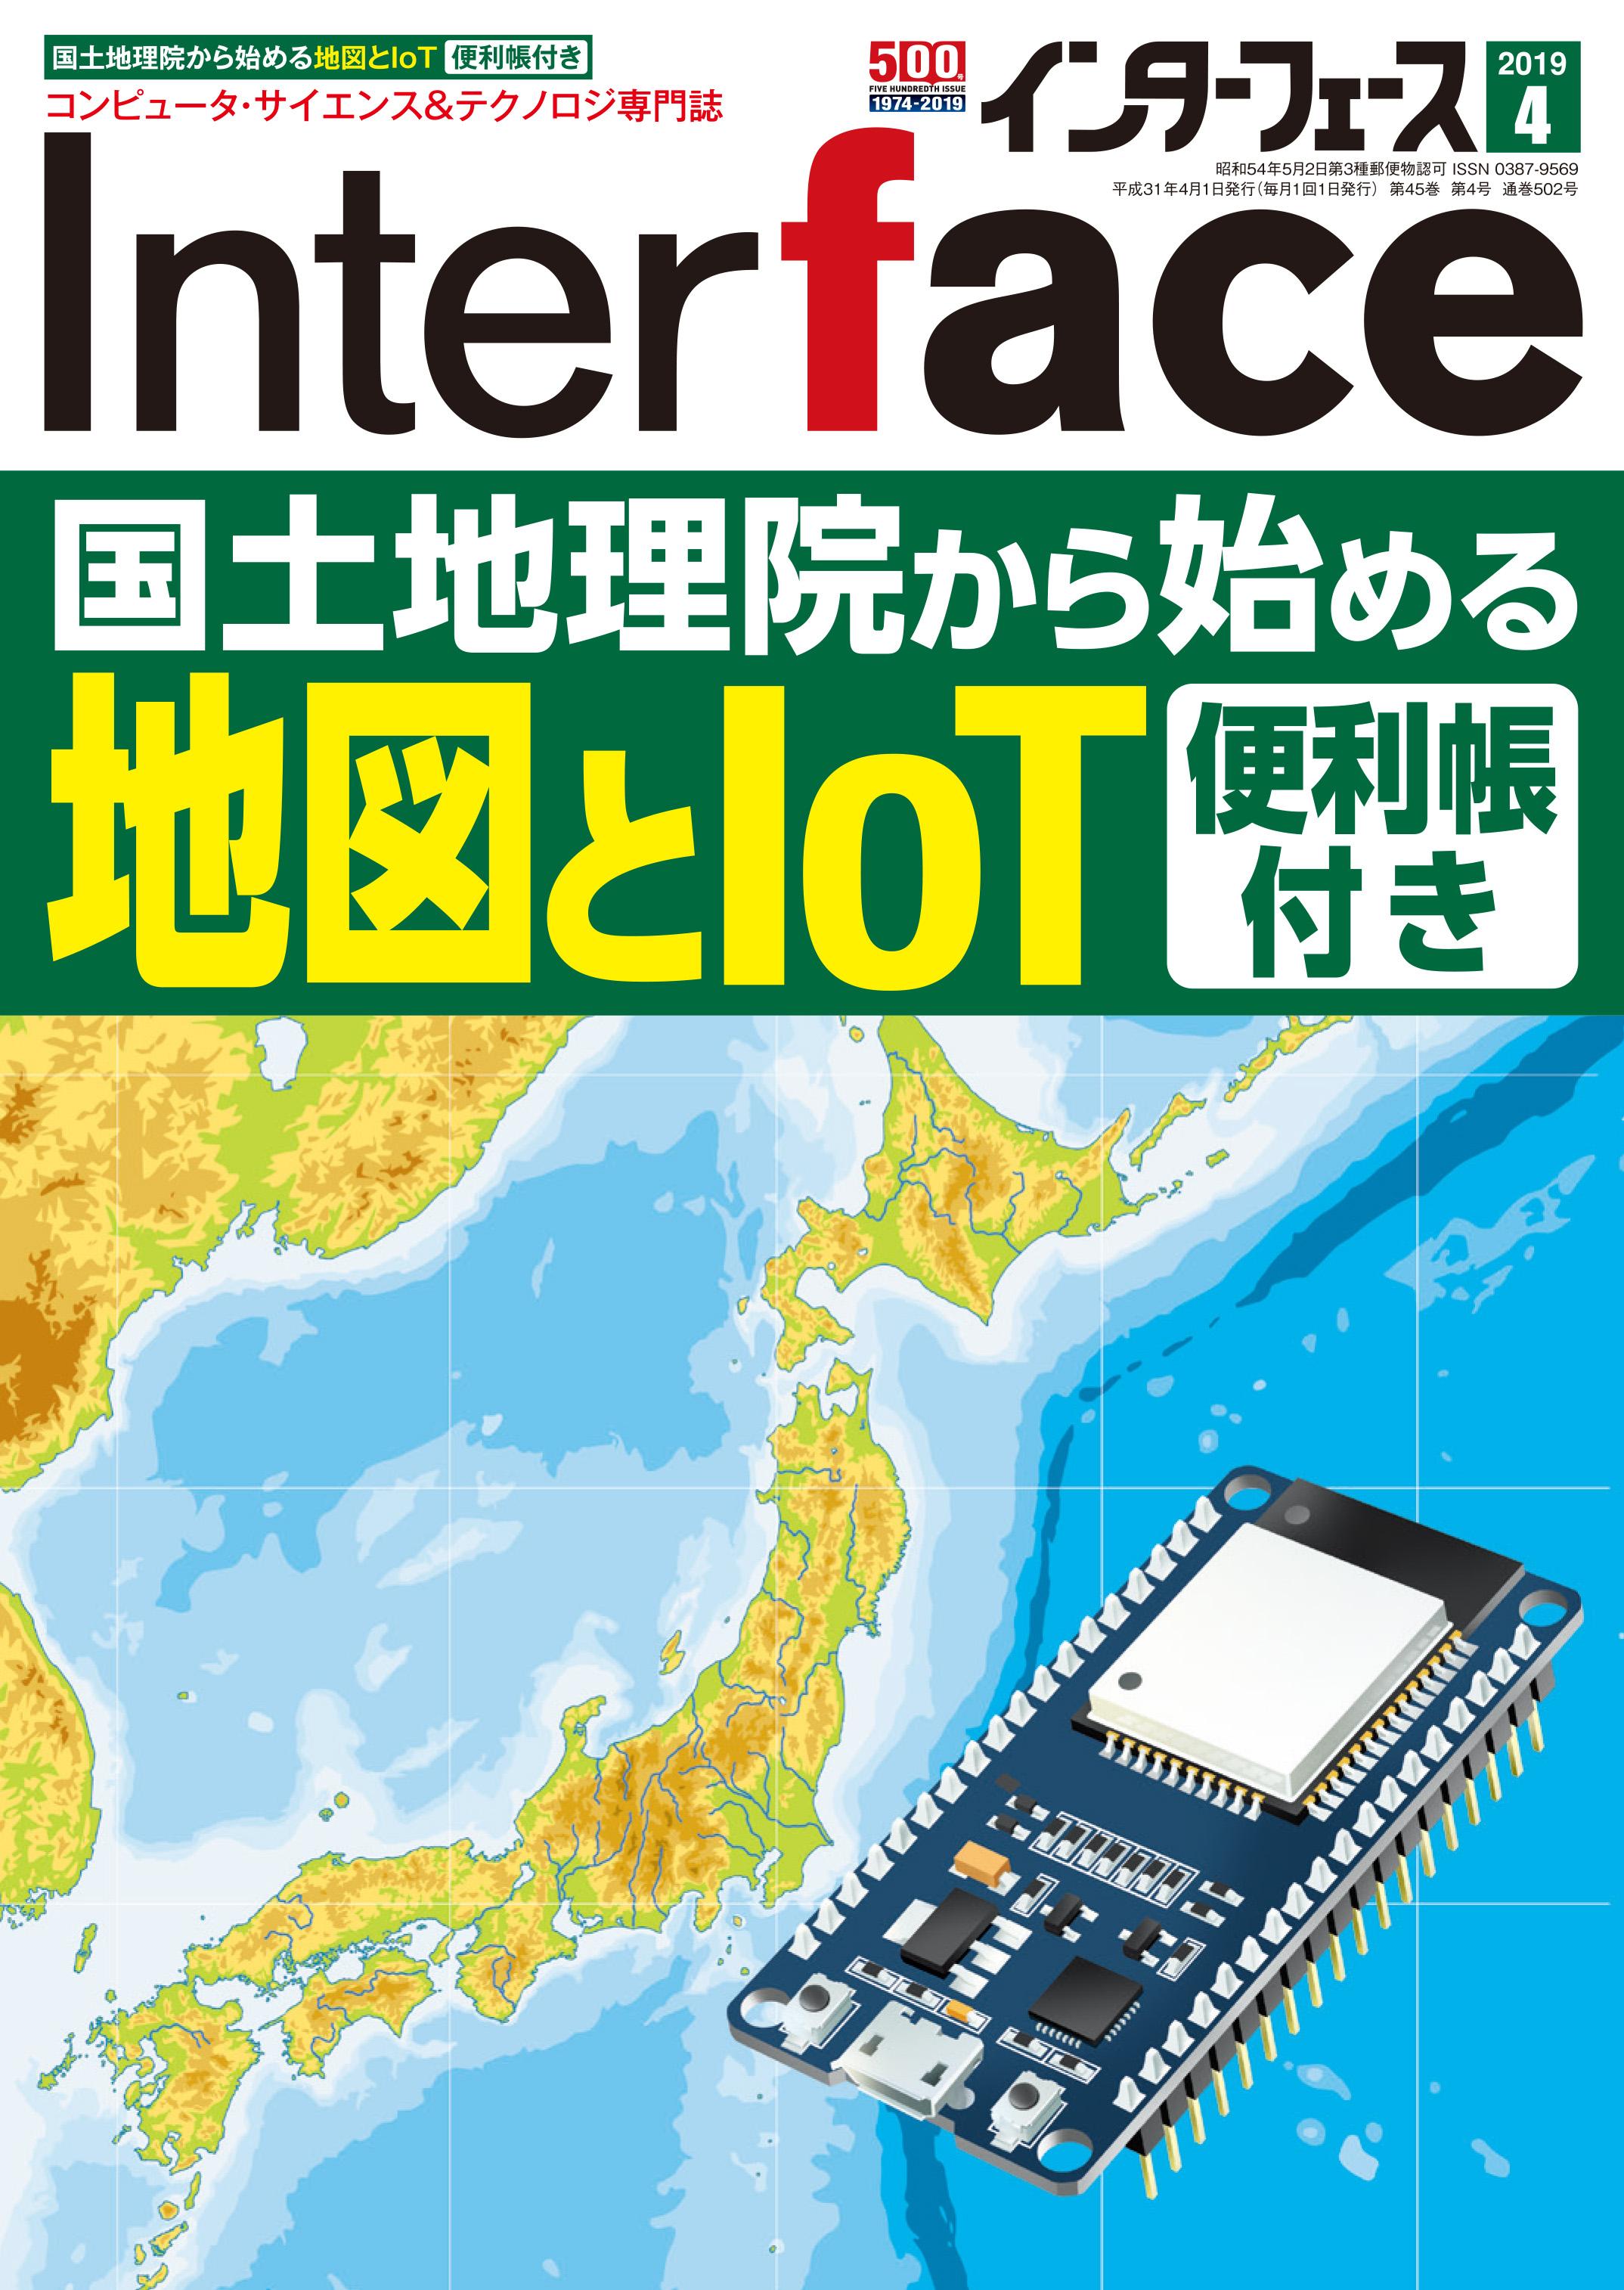 Interface 2019年4月号 国土地理...